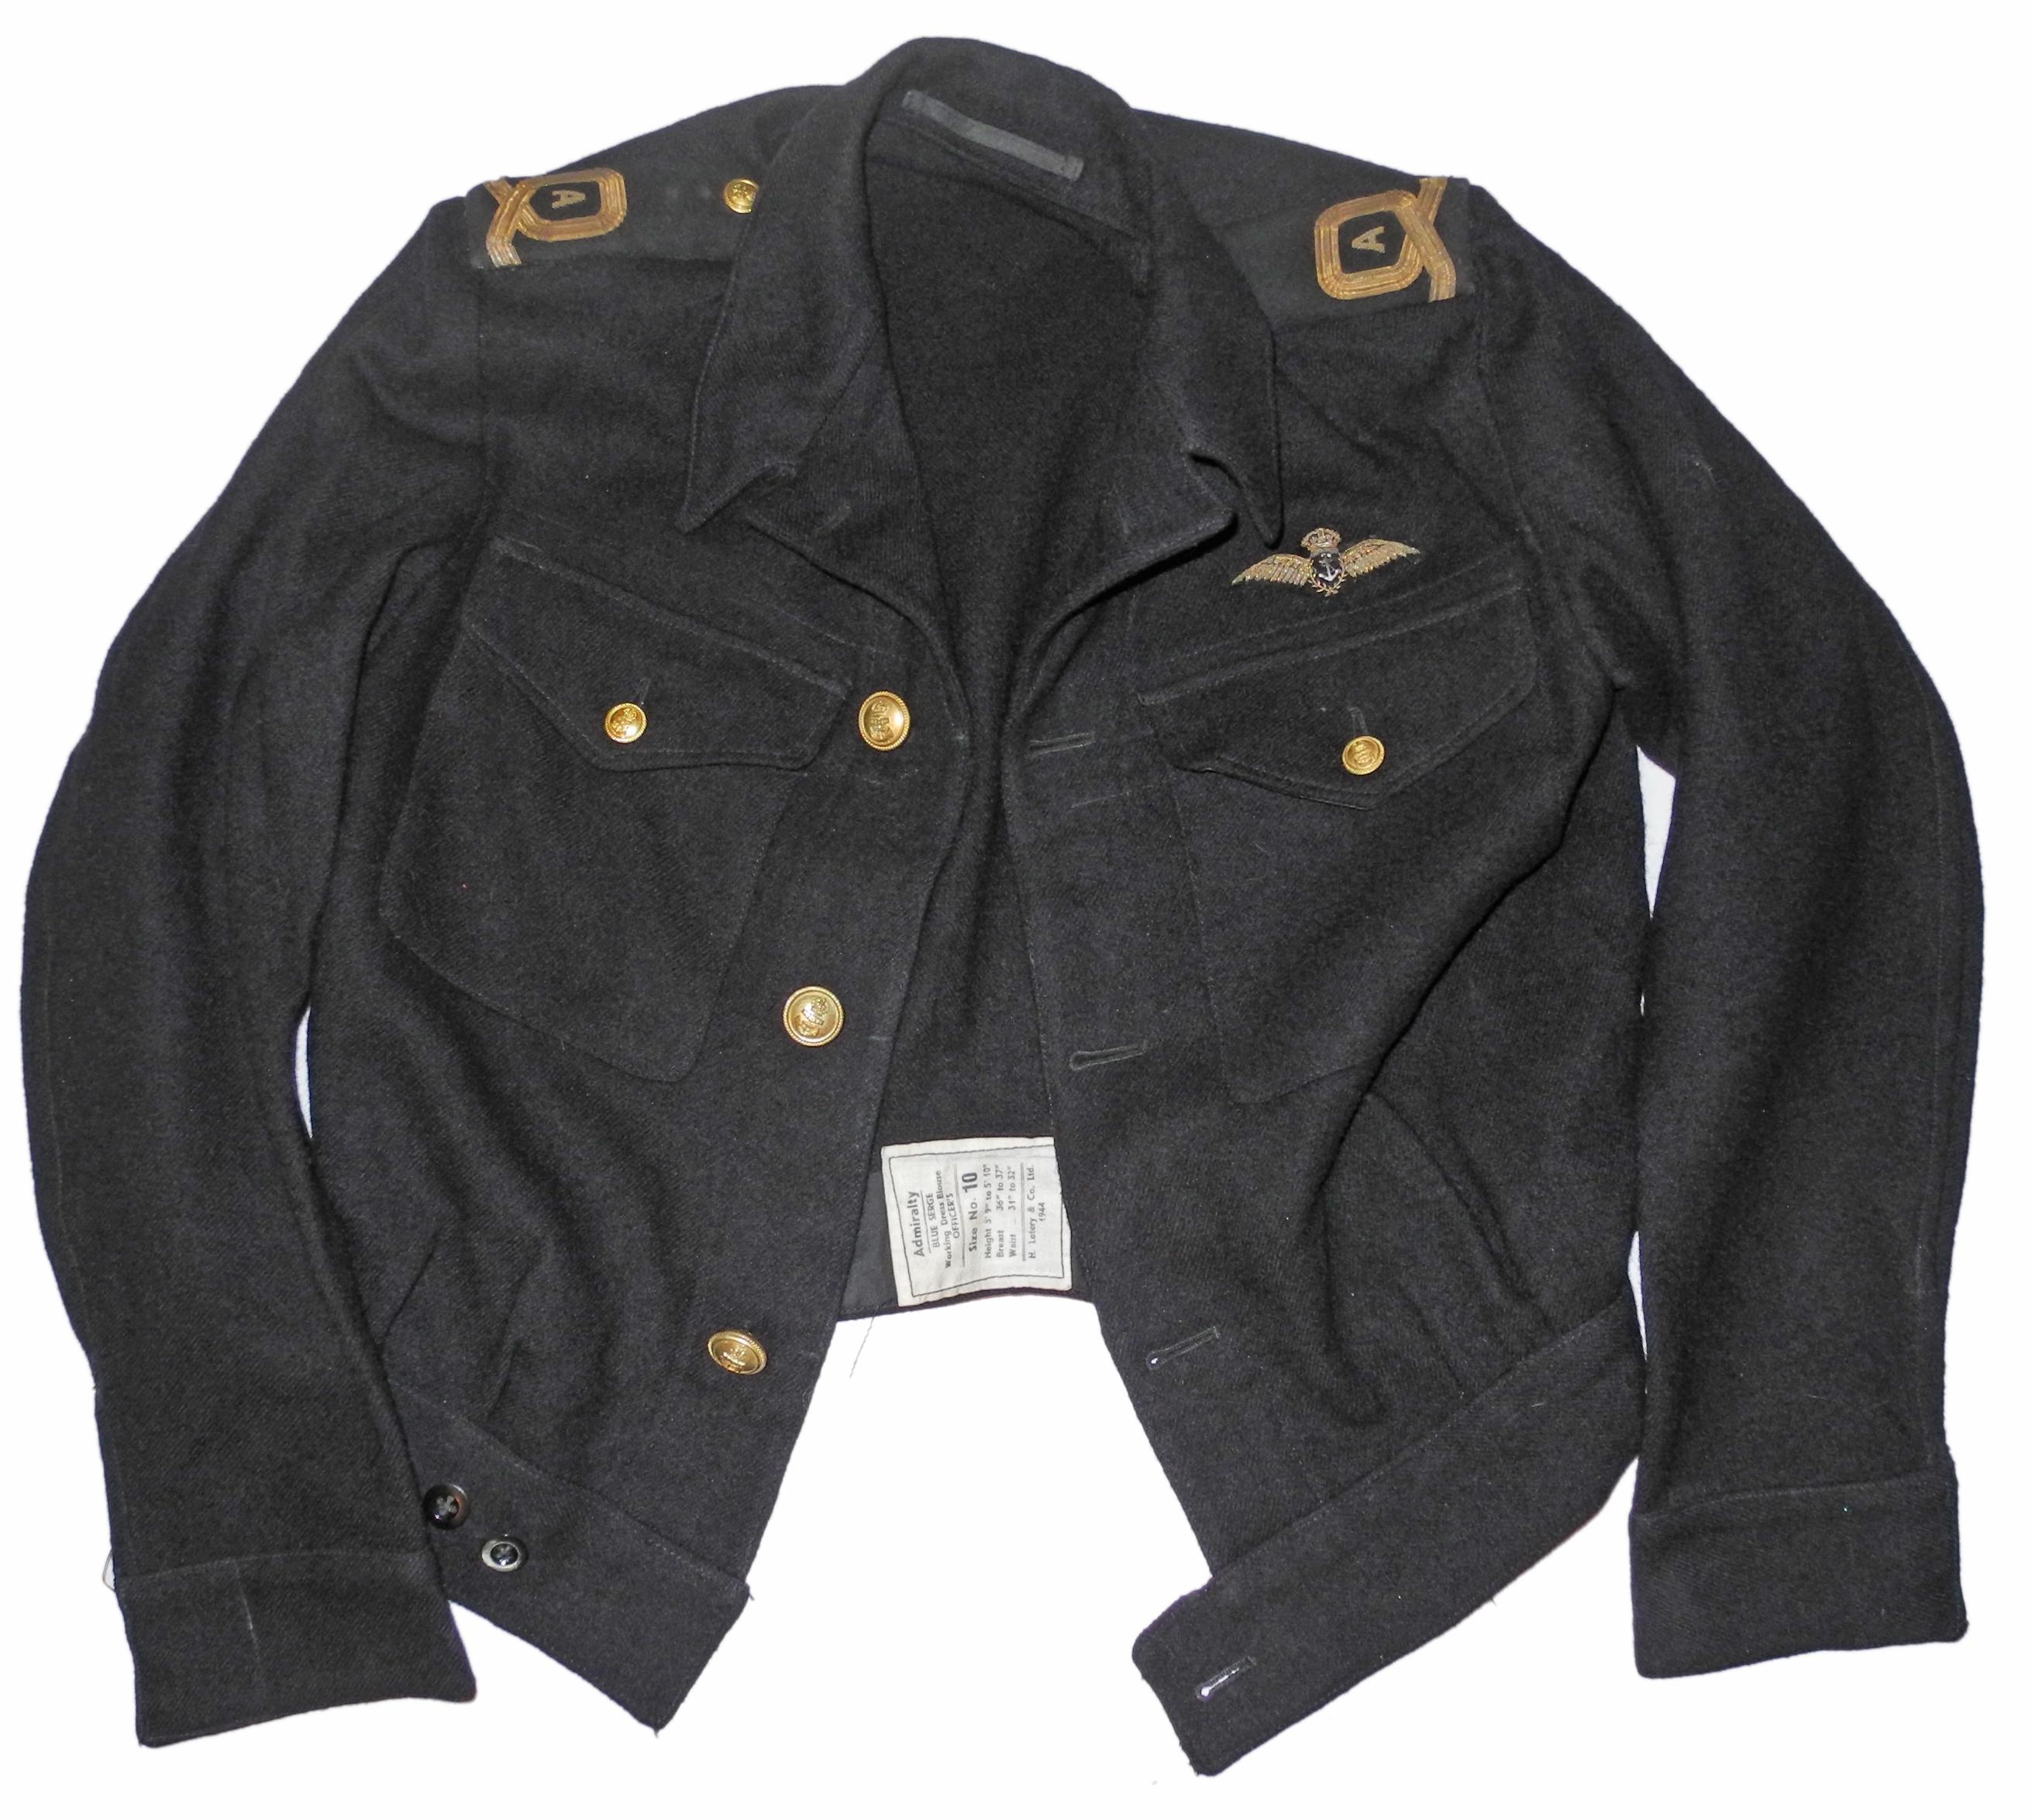 RNVR(A) pilots blouse